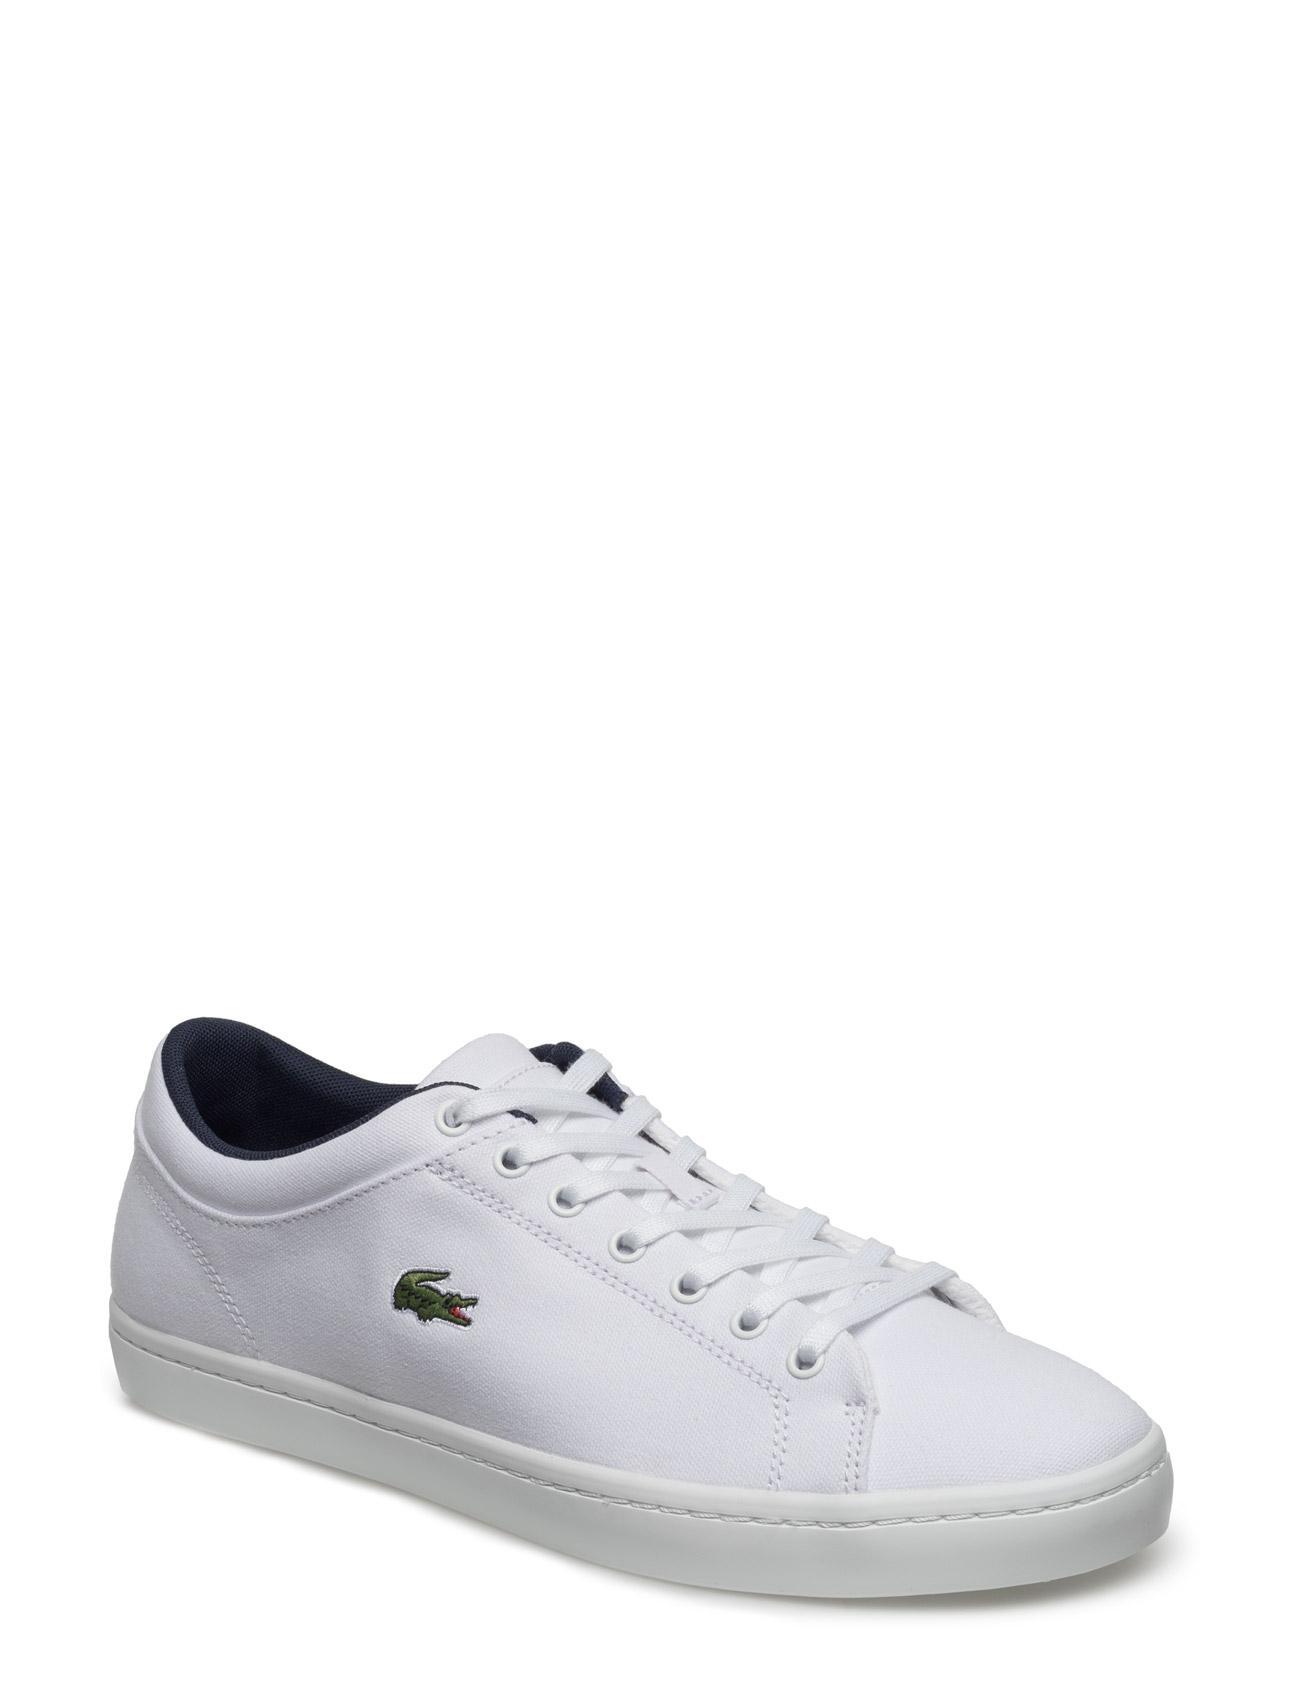 Straightset Bl 2 Lacoste Shoes Sko til Mænd i hvid